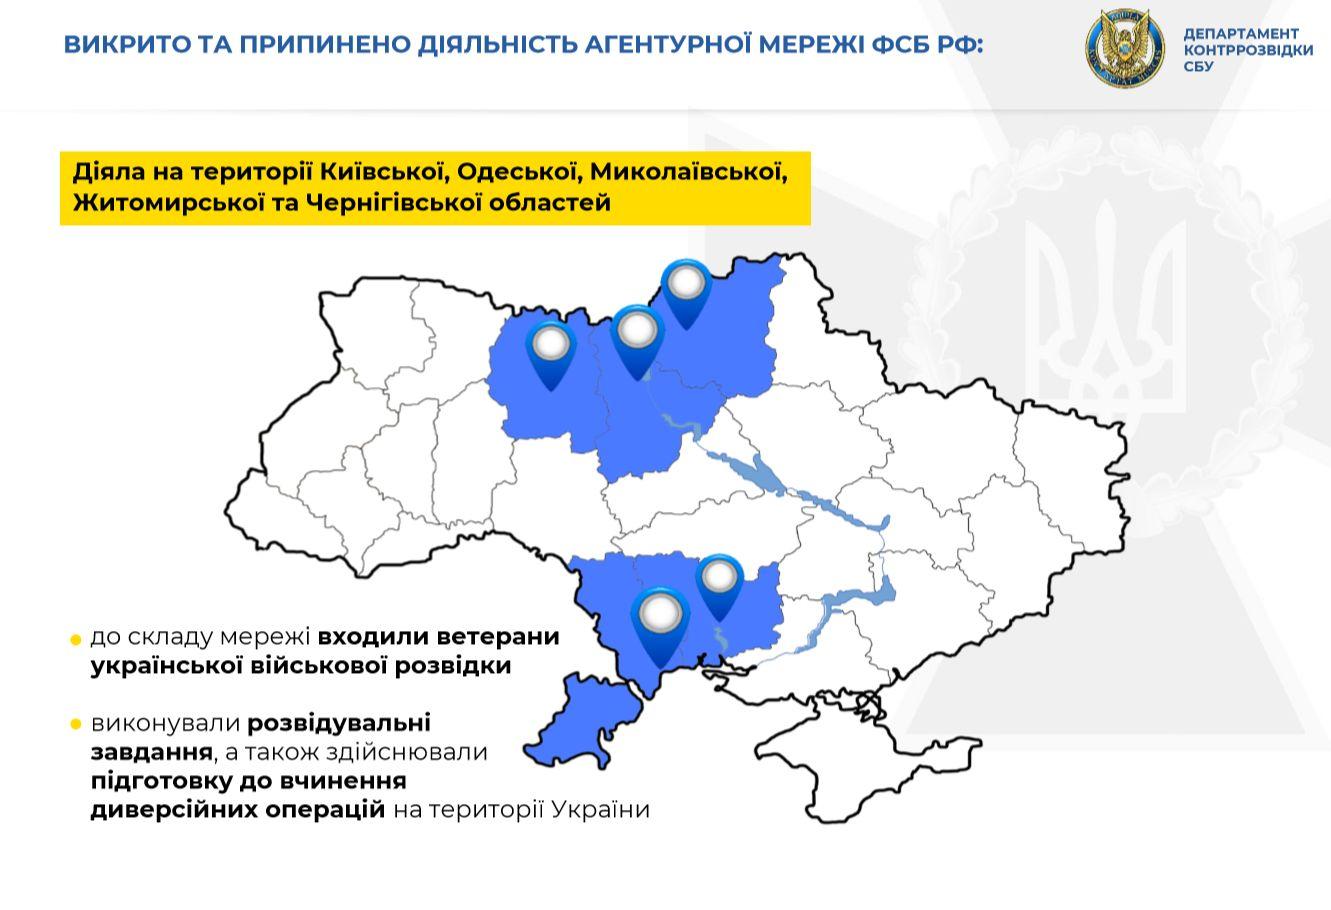 FSB-agenter i Kyiv, Odesa, Mykolaiv, Zjytomyr og Tjernihiv